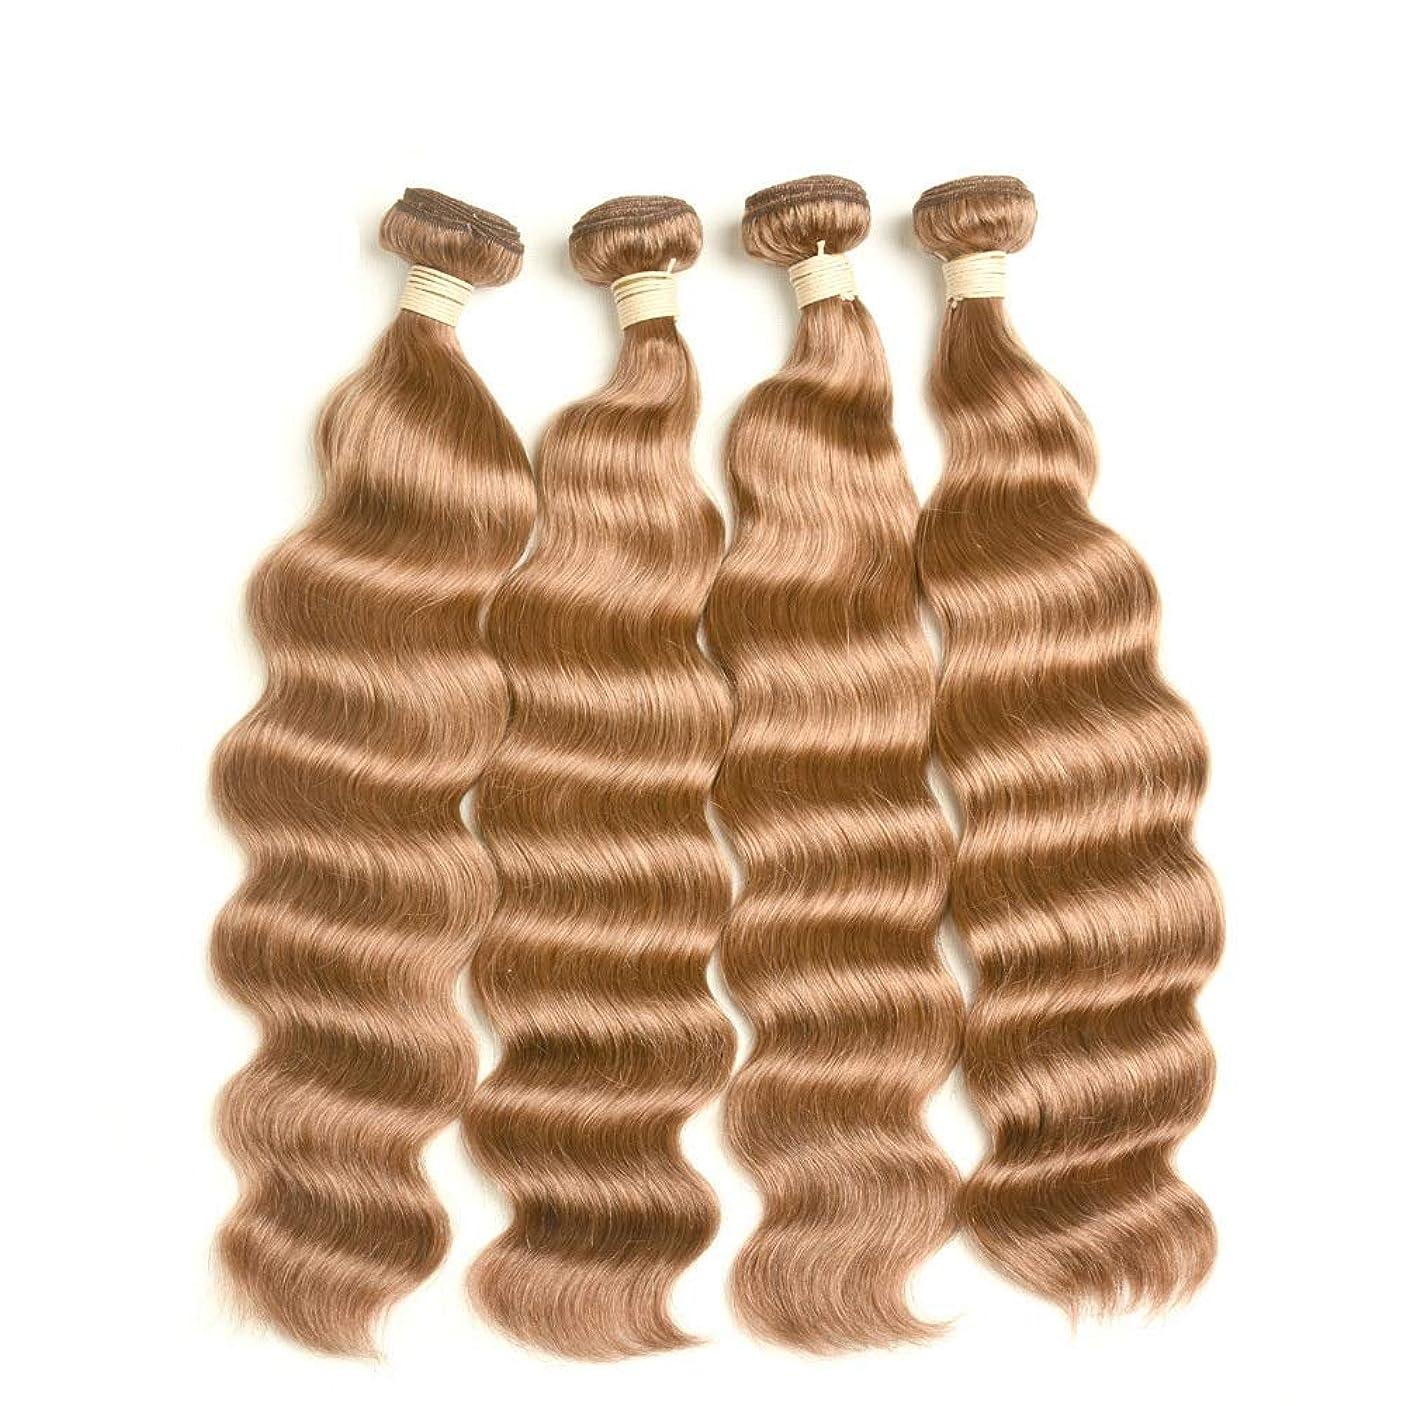 レンダー灰スプリットBOBIDYEE ブラジルの髪の束自然オーシャンウェーブヘア1バンドル、本物の人間の髪の毛#30明るい茶色(1バンドル、10-28インチ、100g)女性用合成かつらレースかつらロールプレイングかつら (色 : ブラウン, サイズ : 12 inch)